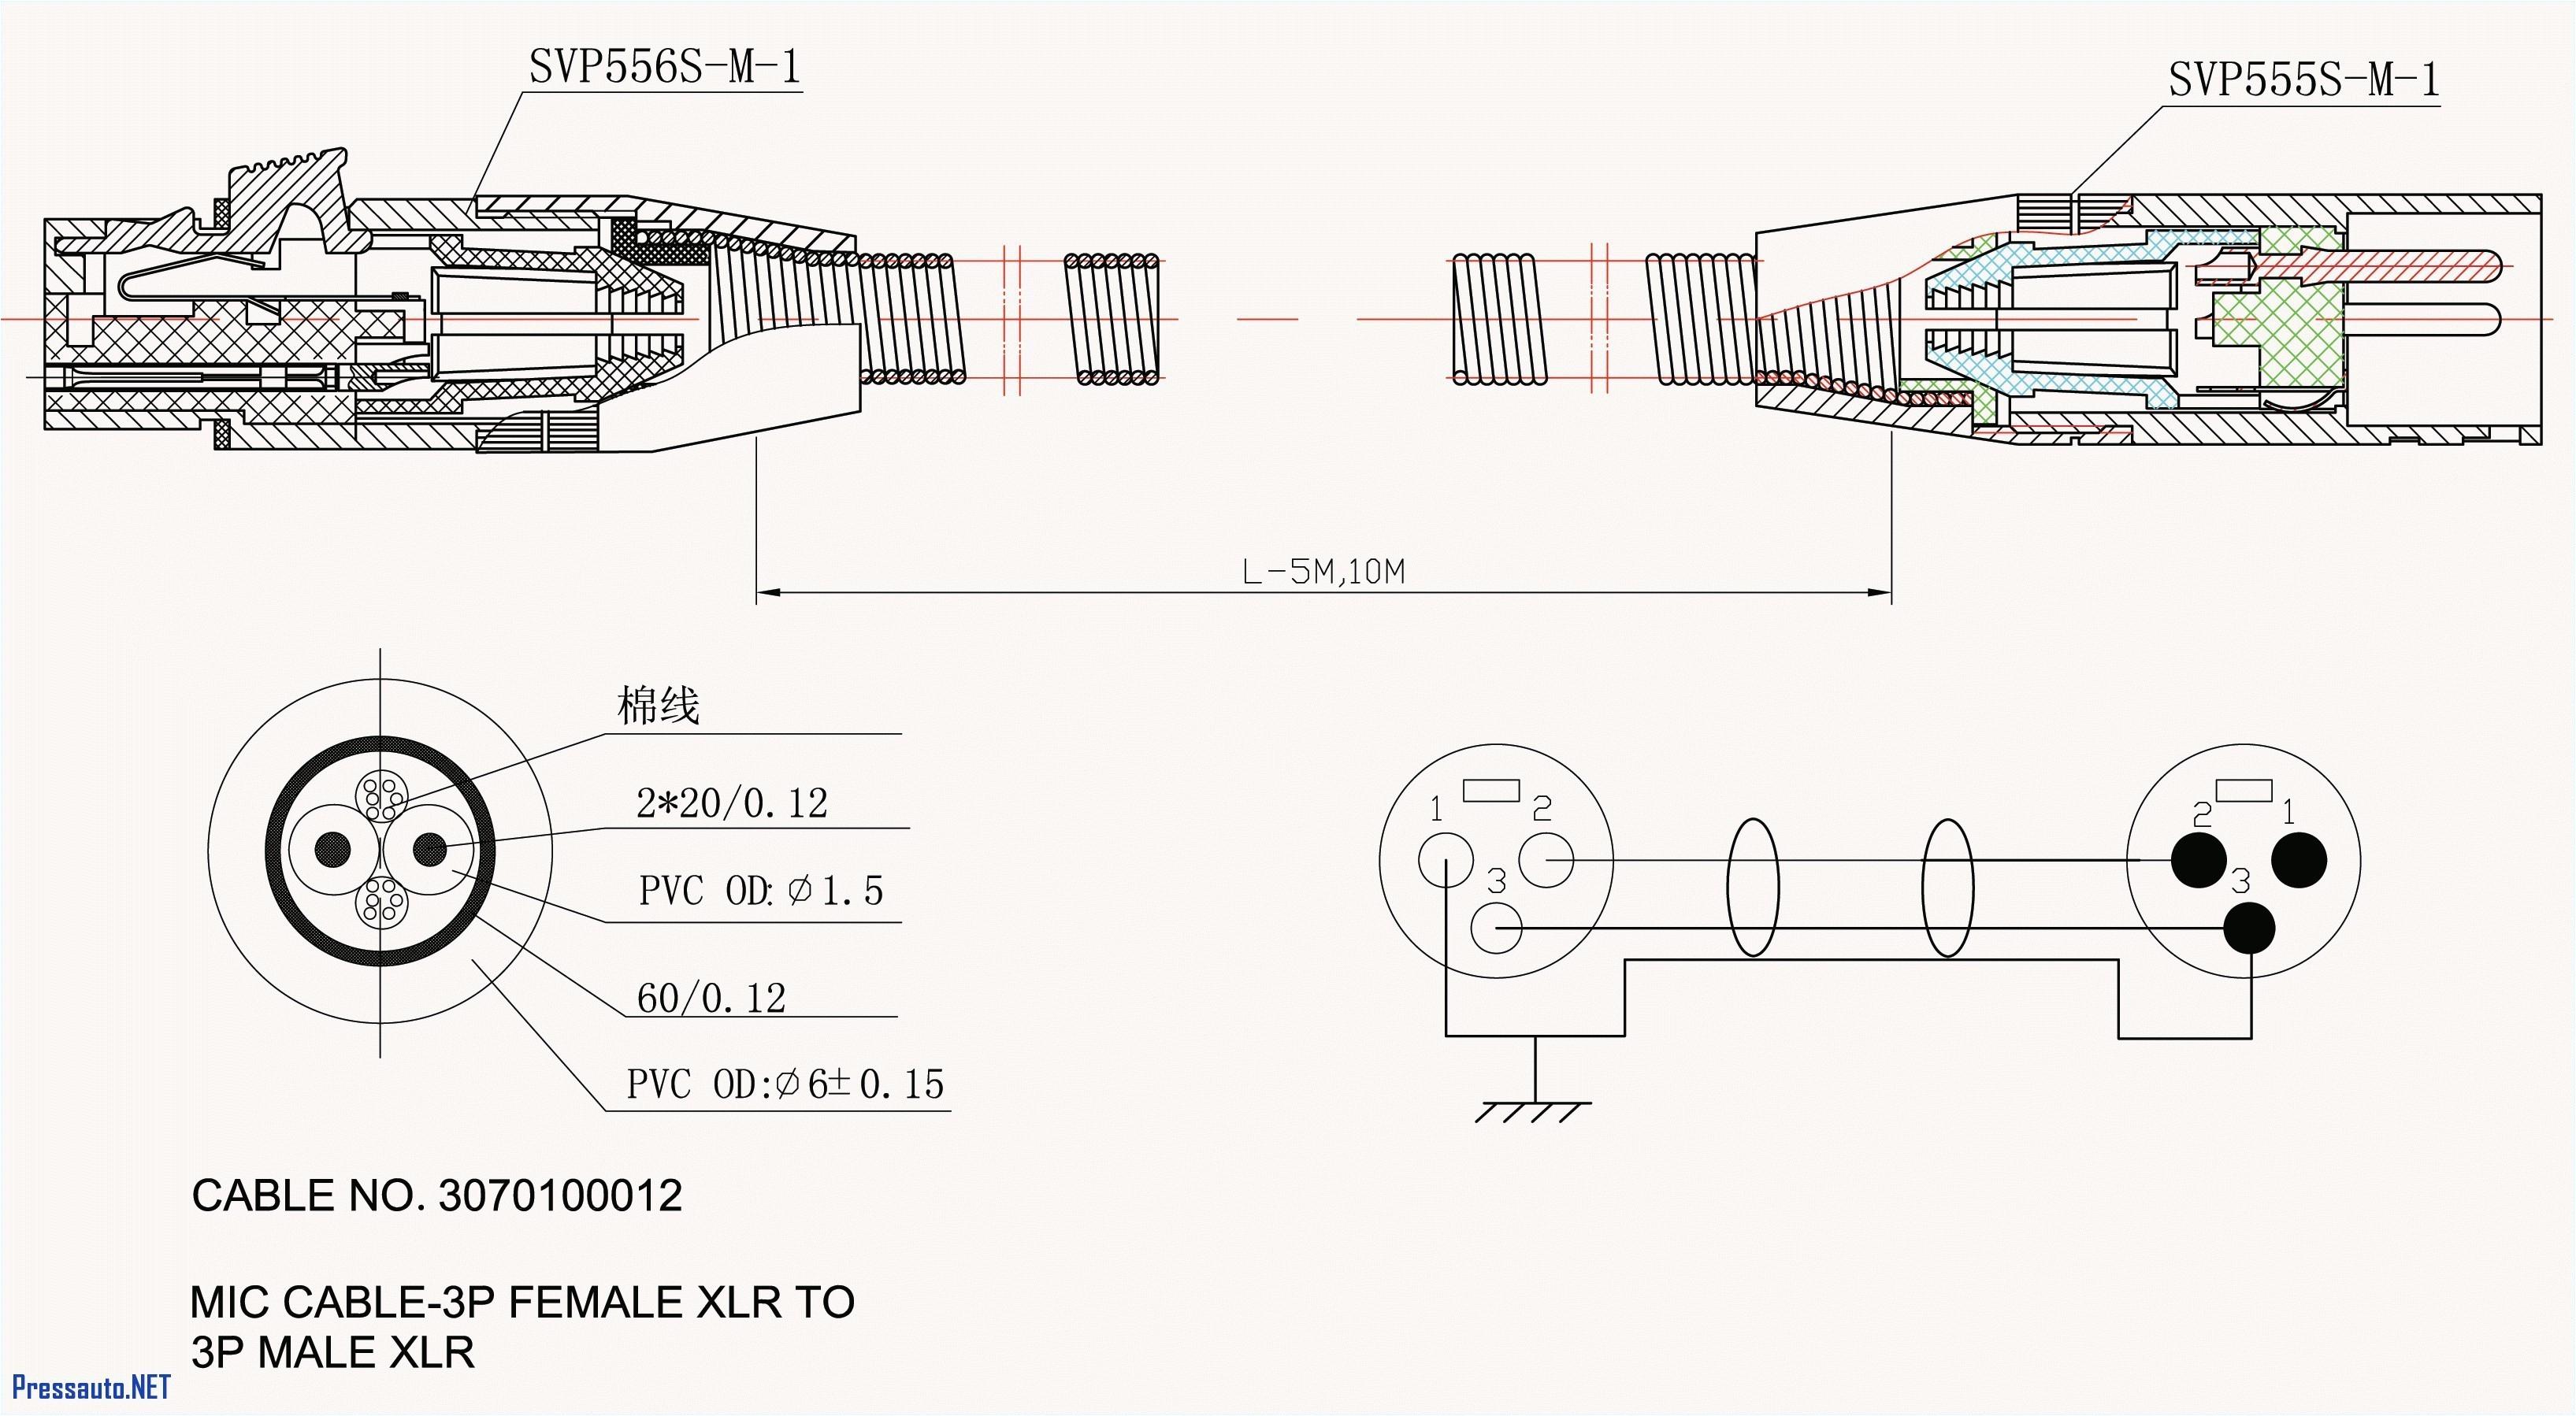 fan wiring diagram best of how to wire a fan switch diagram awesomefan wiring diagram inspirational